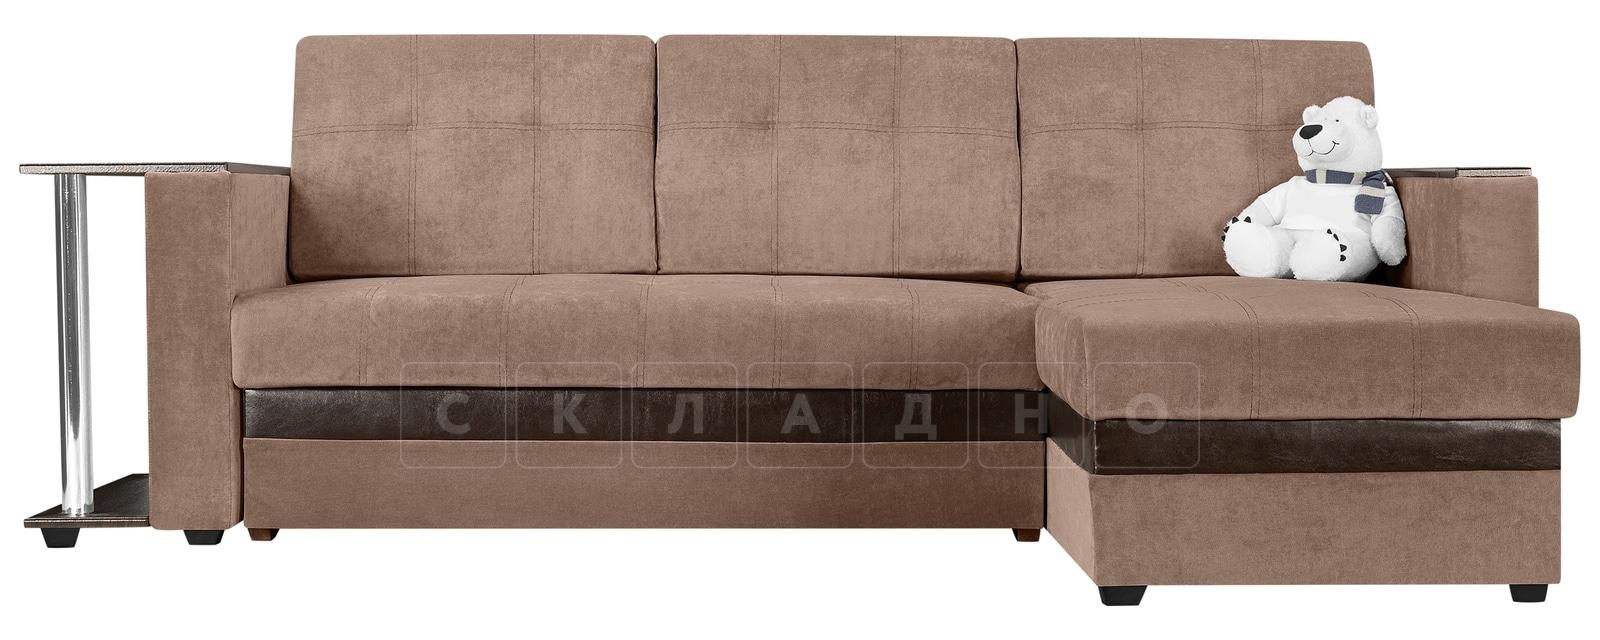 Угловой диван Атланта вельвет светло-коричневый фото 2 | интернет-магазин Складно